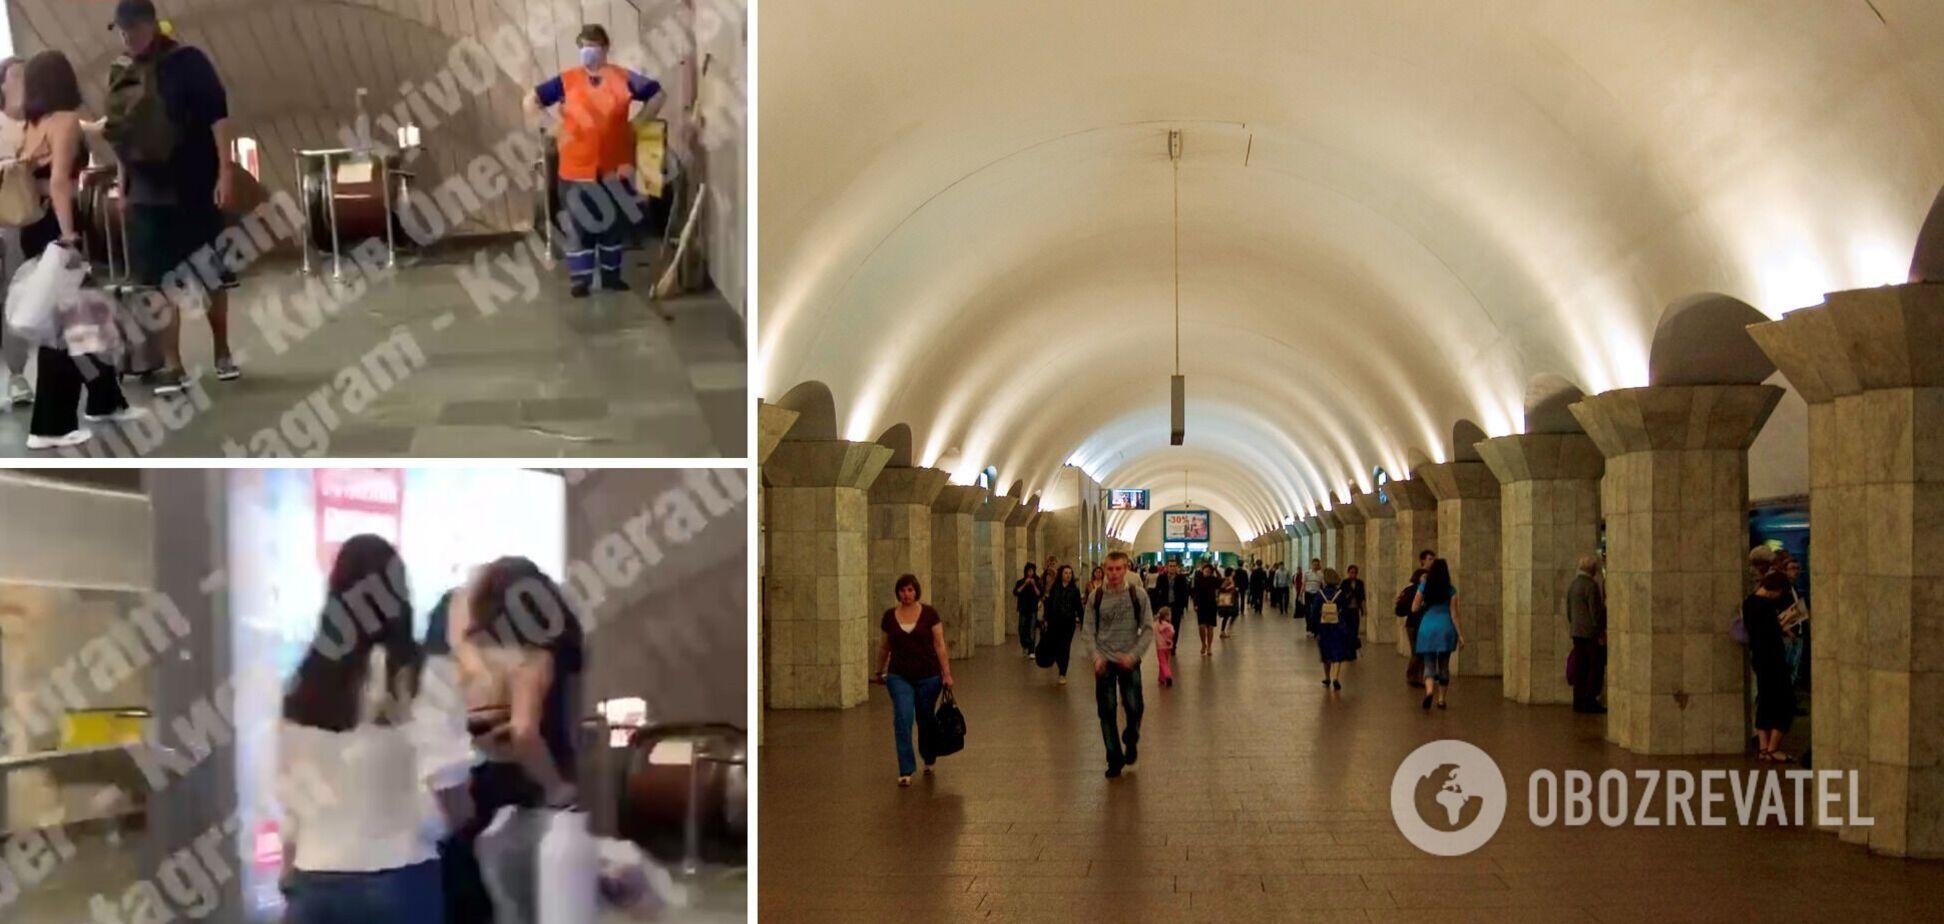 В киевской подземке девушка избила наглеца, который к ней приставал. Видео 18+